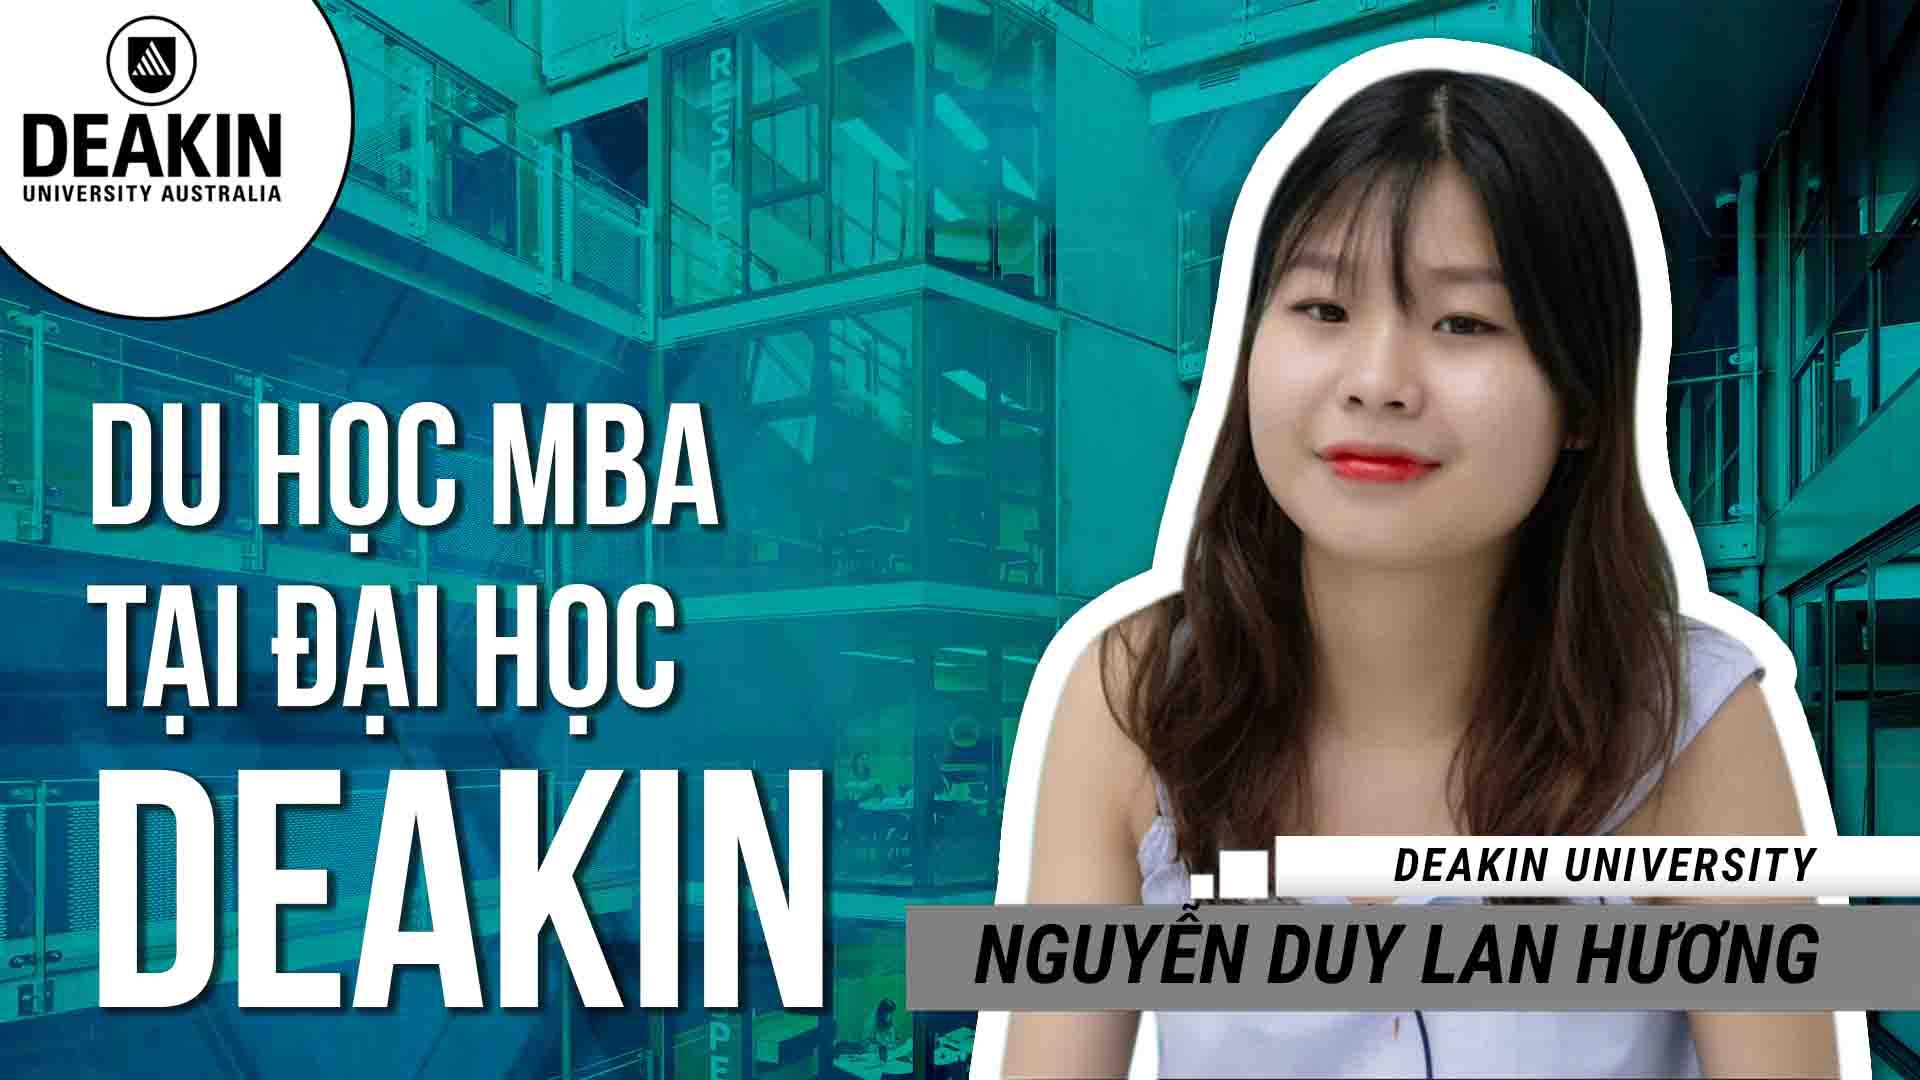 Cô gái xinh xắn đến từ Đắk Lắk - Nguyễn Duy Lan Hương đã hoàn thành chương trình cử nhân tài chính  ngân hàng tại Đại học Kinh tế TP. HCM. Để nâng cao kiến thức chuyên môn và giúp mở rộng cơ hội nghề nghiệp cho tương lai, Lan Hương đã chọn du học khóa thạc sĩ quản trị kinh doanh quốc tế (MBA - International) tại trường Đại học Deakin, Úc. Với khóa học này, bạn sẽ được trang bị kiến thức, kỹ năng, tư duy quản lý và lãnh đạo một tổ chức trong bối cảnh quốc tế với một trong những ngôi trường đào tạo kinh doanh hàng đầu của Úc. Chương trình MBA của Đại học Deakin nổi tiếng với các cơ hội học tập dựa trên kinh nghiệm và sự quan sát, các dự án làm việc theo nhóm cùng với chương trình học tập ở nước ngoài. Deakin cũng đang thuộc top 1% các trường đại học cung cấp các khóa học kinh doanh tốt nhất thế giới. Sinh viên sở hữu văn bằng MBA của Deakin đang nhận được mức lương bình quân 134.000 AUD/năm (theo khảo sát tiền lương của Emolument). Cơ hội học tập tại Deakin - Top 10 đại học công lập tốt nhất nước Úc đang rộng mở. Hãy liên hệ với đại diện tuyển sinh chính thức của trường tại Việt Nam để được tư vấn và hỗ trợ chi tiết: • Tổng đài: 1900 636 990 • Hotline KV miền Bắc & Nam: 093 409 2662 - 093 409 9948 • Hotline KV miền Trung: 093 409 9070 - 093 409 4449 • Email: inec@inec.vn • Website: https://duhocinec.com/du-hoc-uc-dai-h...